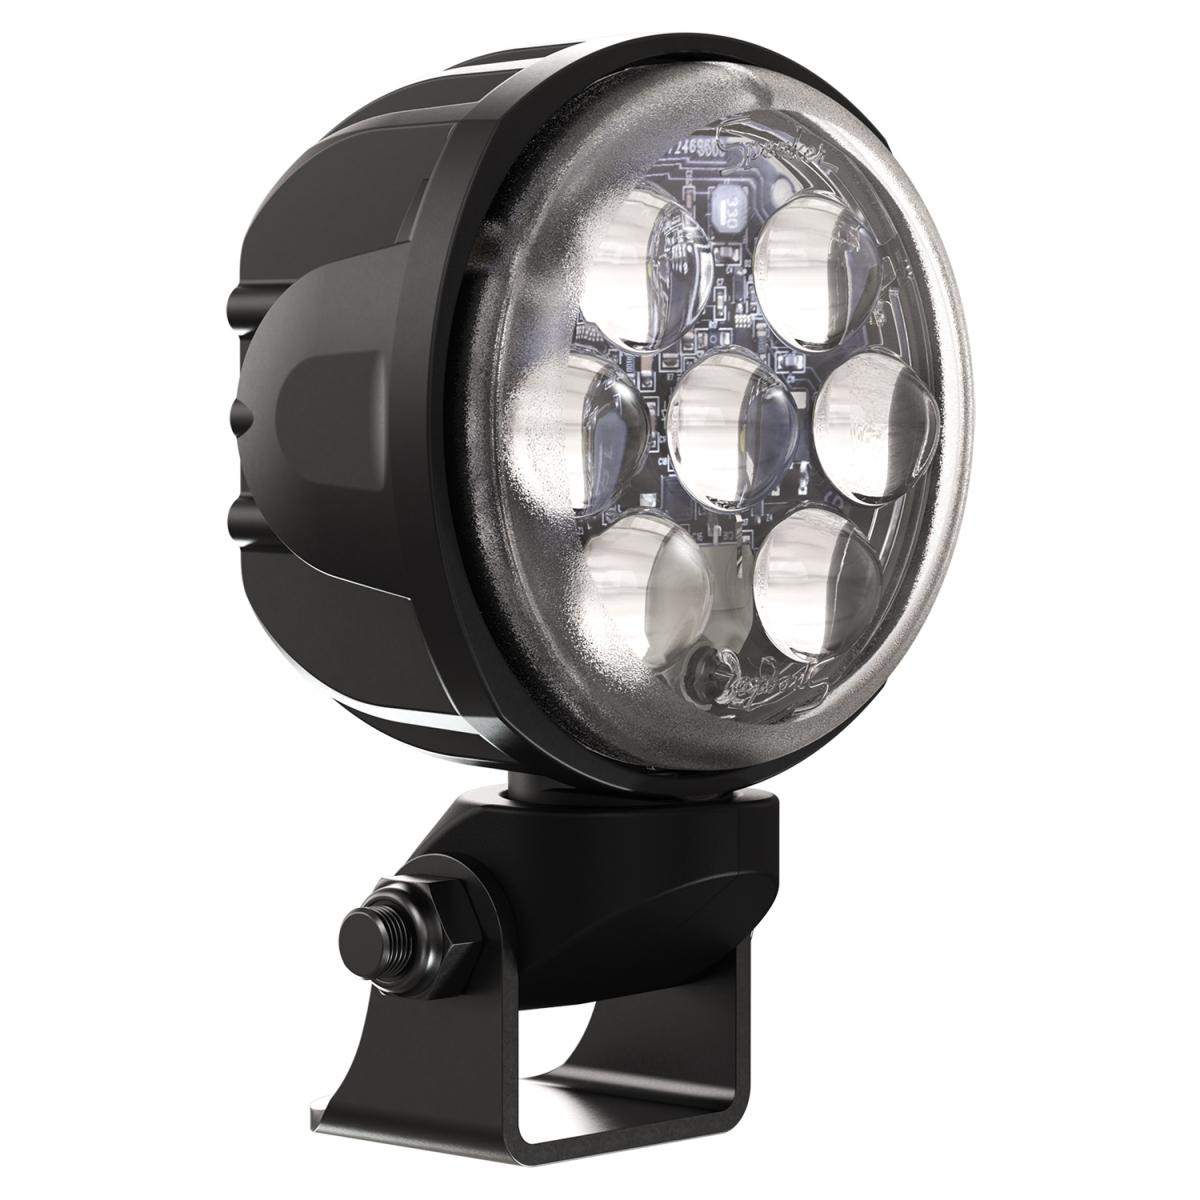 LED Work Light – Model 4415